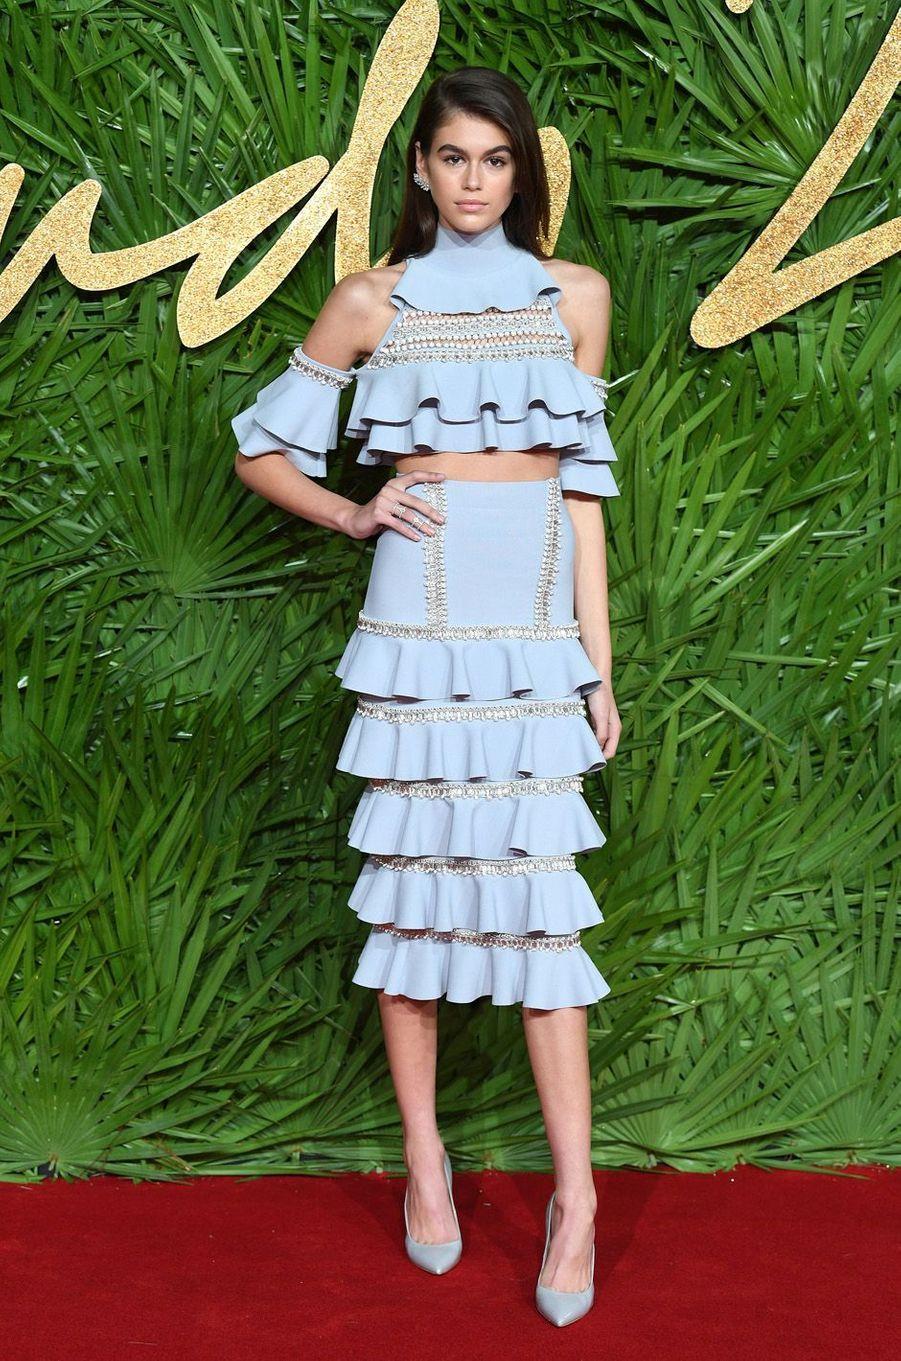 Kaia Gerberaux Fashion Awards, le 4 décembre 2017 à Londres.